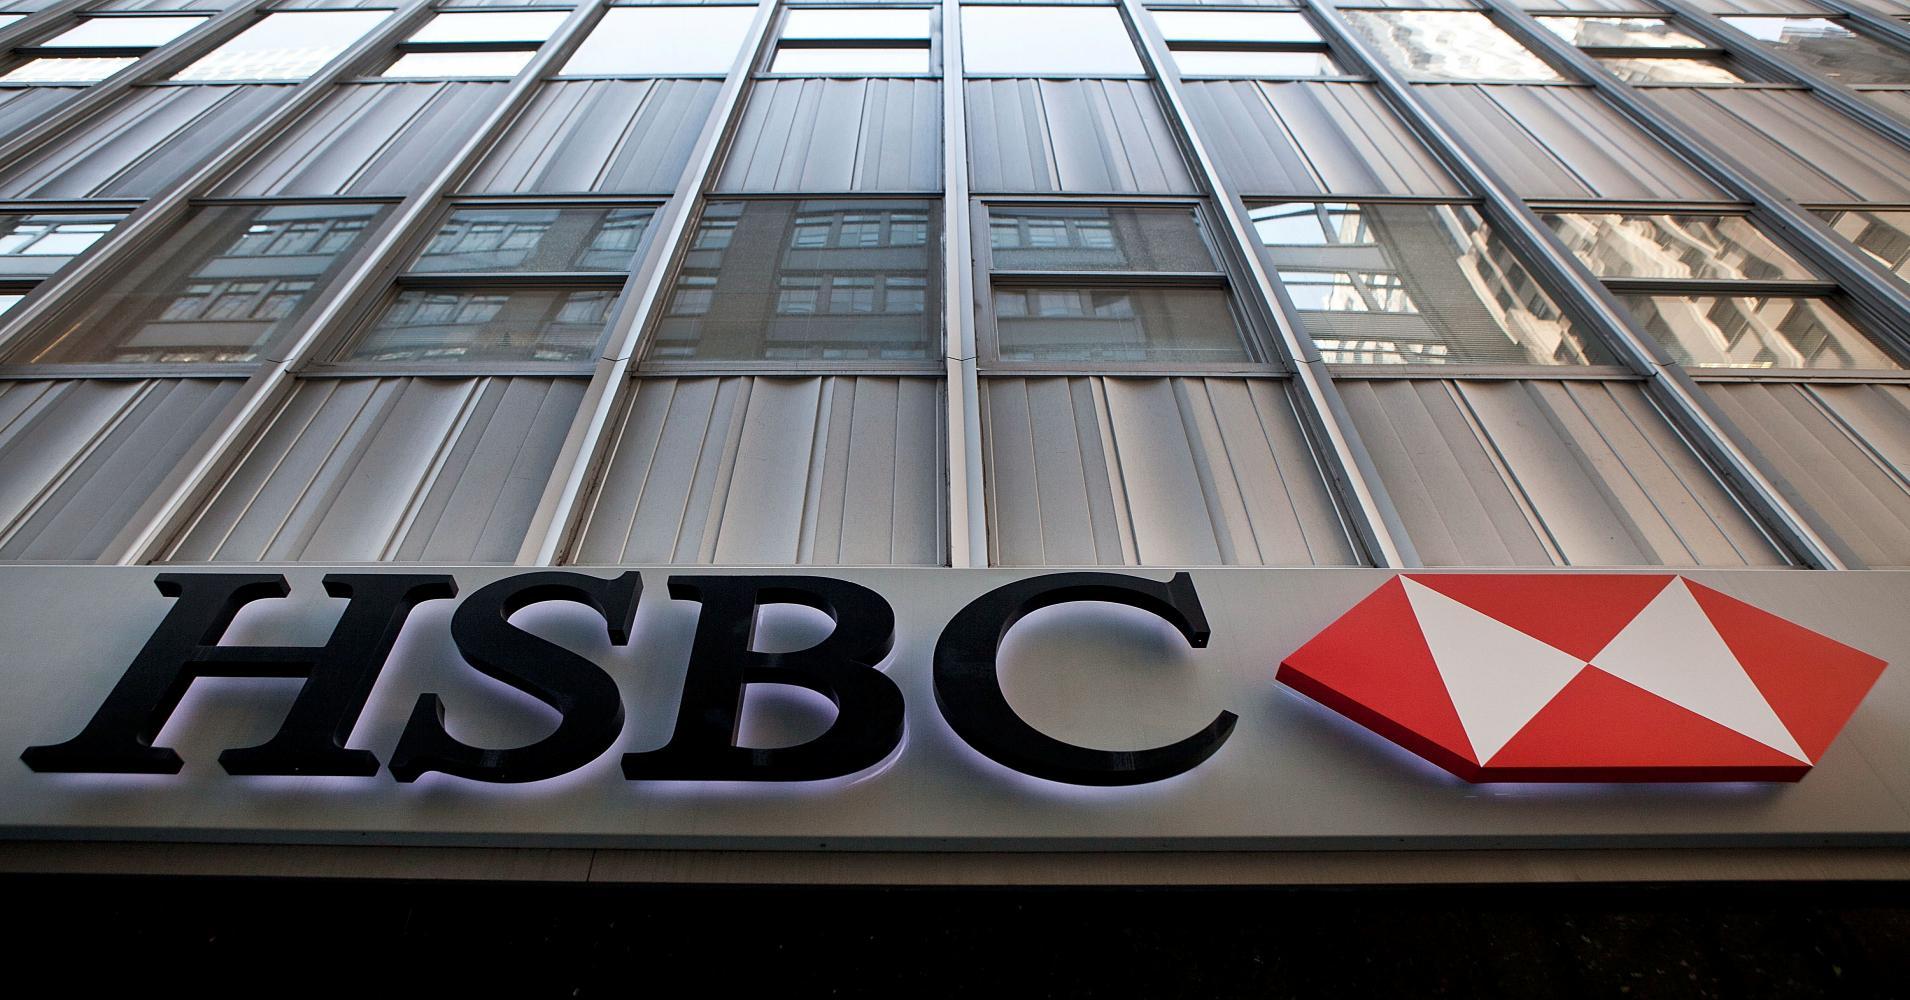 HSBC-ն ճանաչվել է «Աշխարհի լավագույն բանկ» Euromoney ամսագրի կողմից